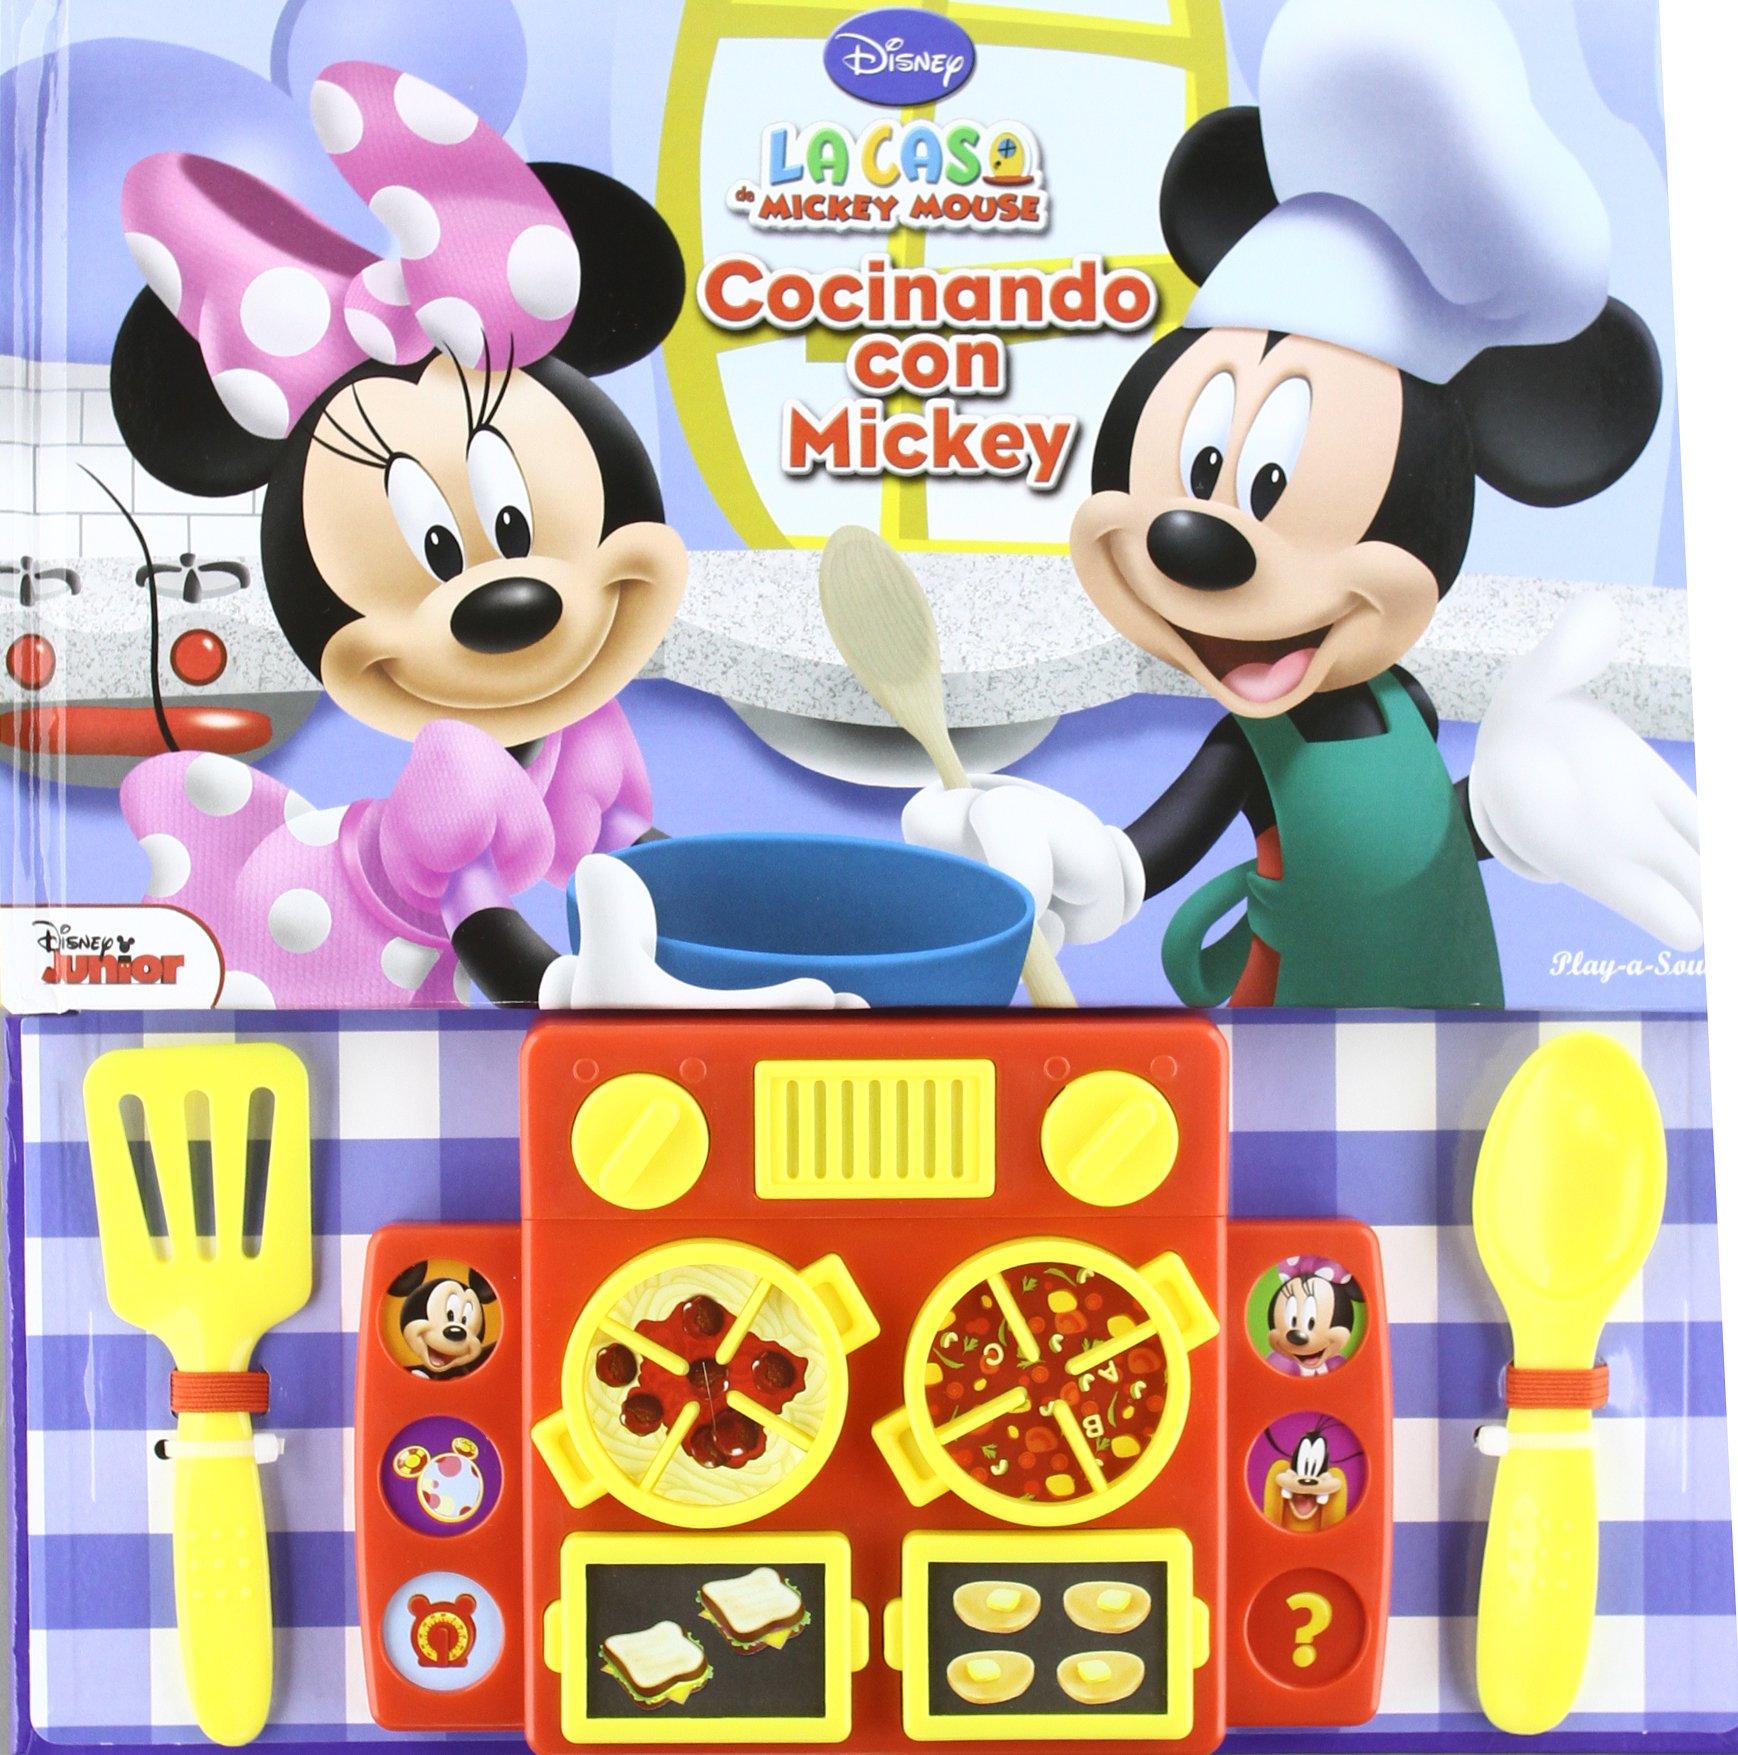 La Casa Mickey Mouse Concinando Con Mickey - Disney Junior España (La Casa Mickey Mouse) (Spanish) Hardcover – 2014